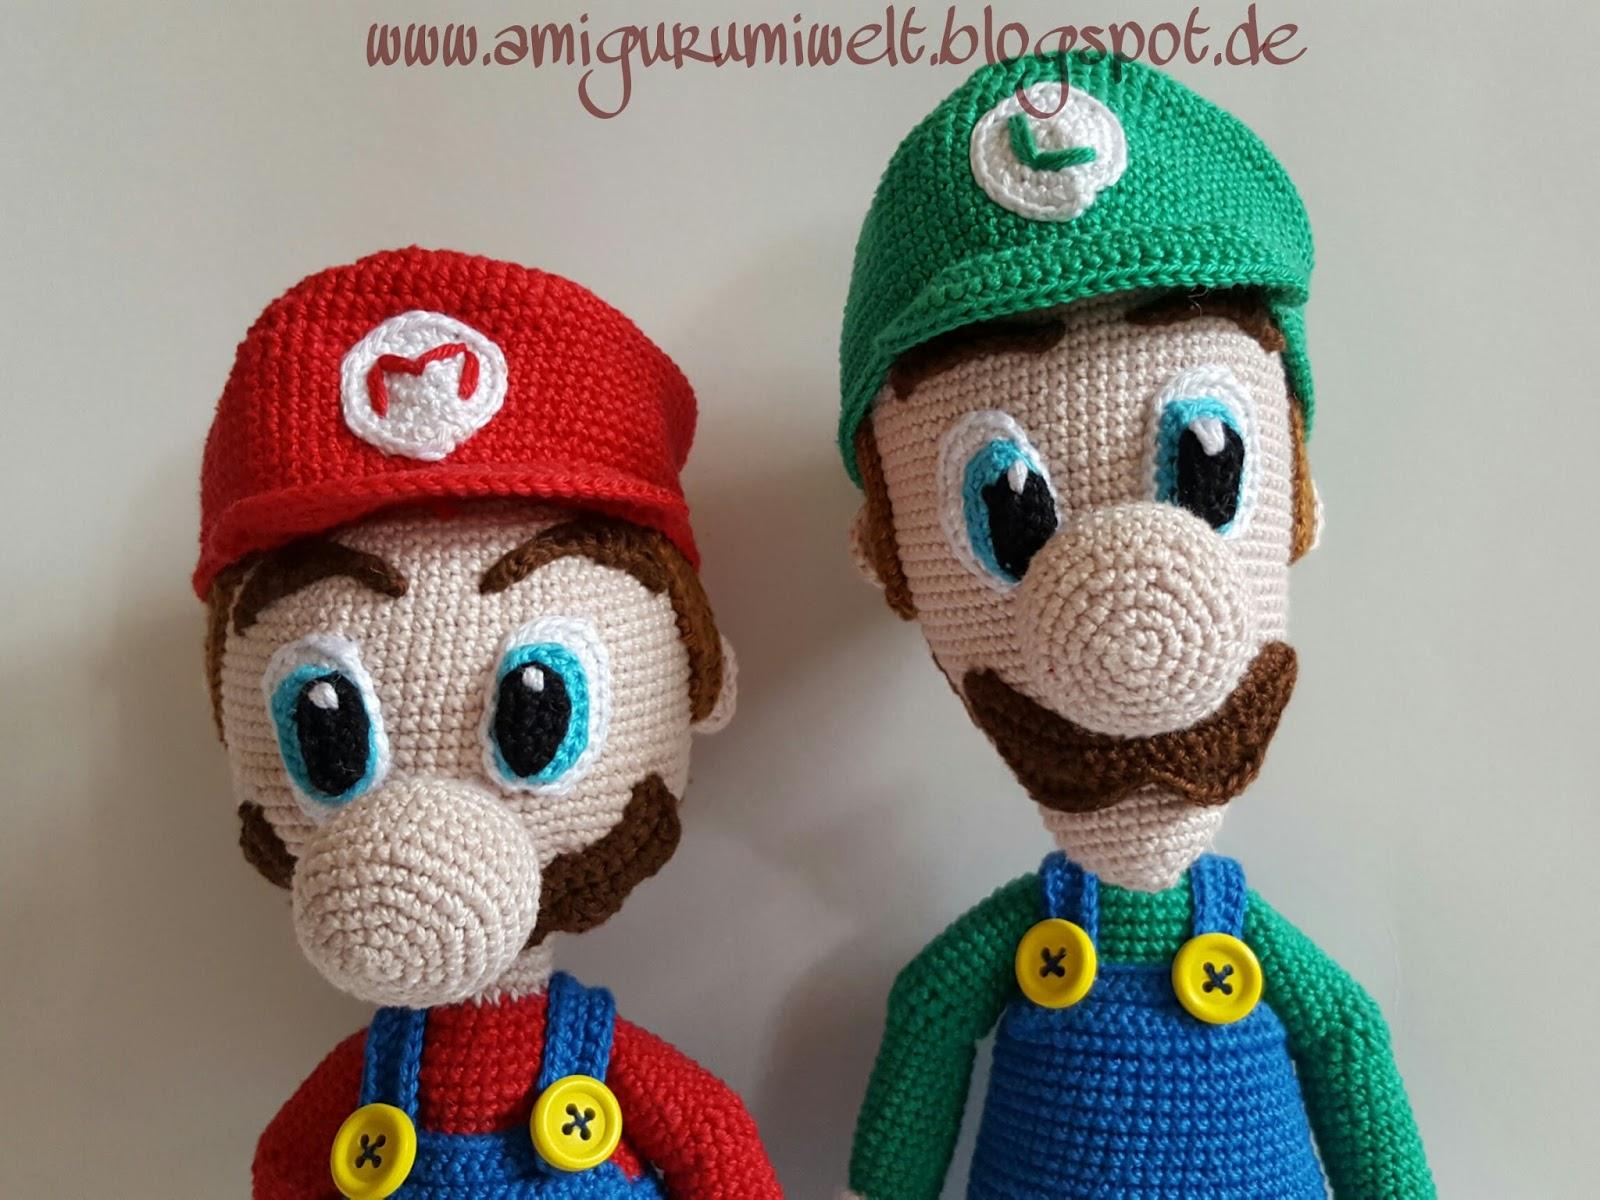 Super Mario Baby - Häkelanleitung | Mario häkeln, Tiere häkeln ... | 1200x1600